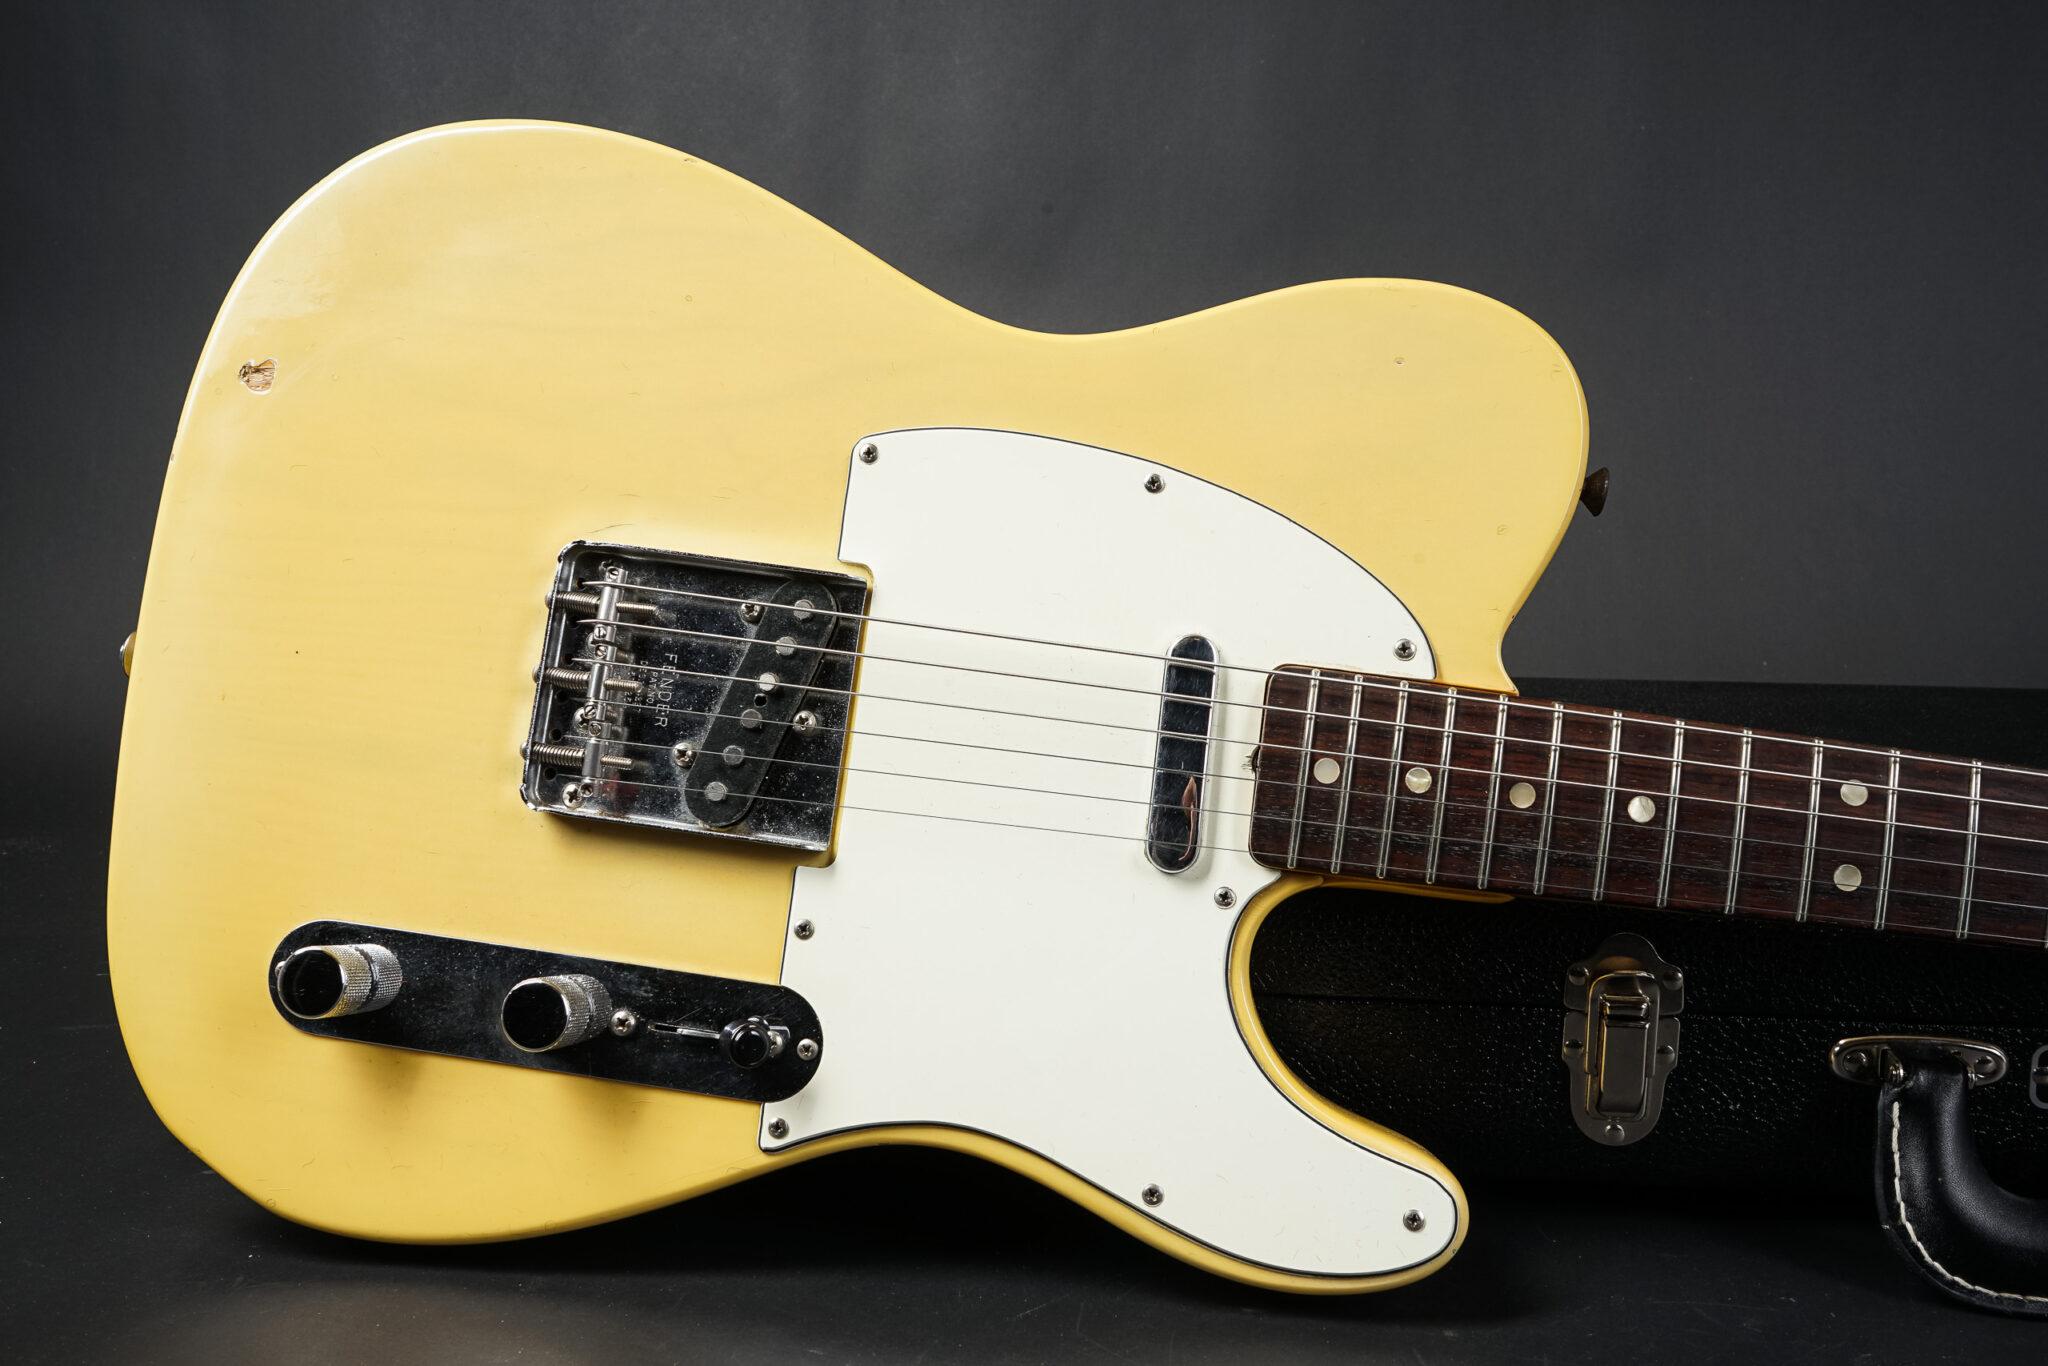 https://guitarpoint.de/app/uploads/products/1971-fender-telecaster-blond-5/1971-Fender-Telecaster-327219-Blond-9-2048x1366.jpg